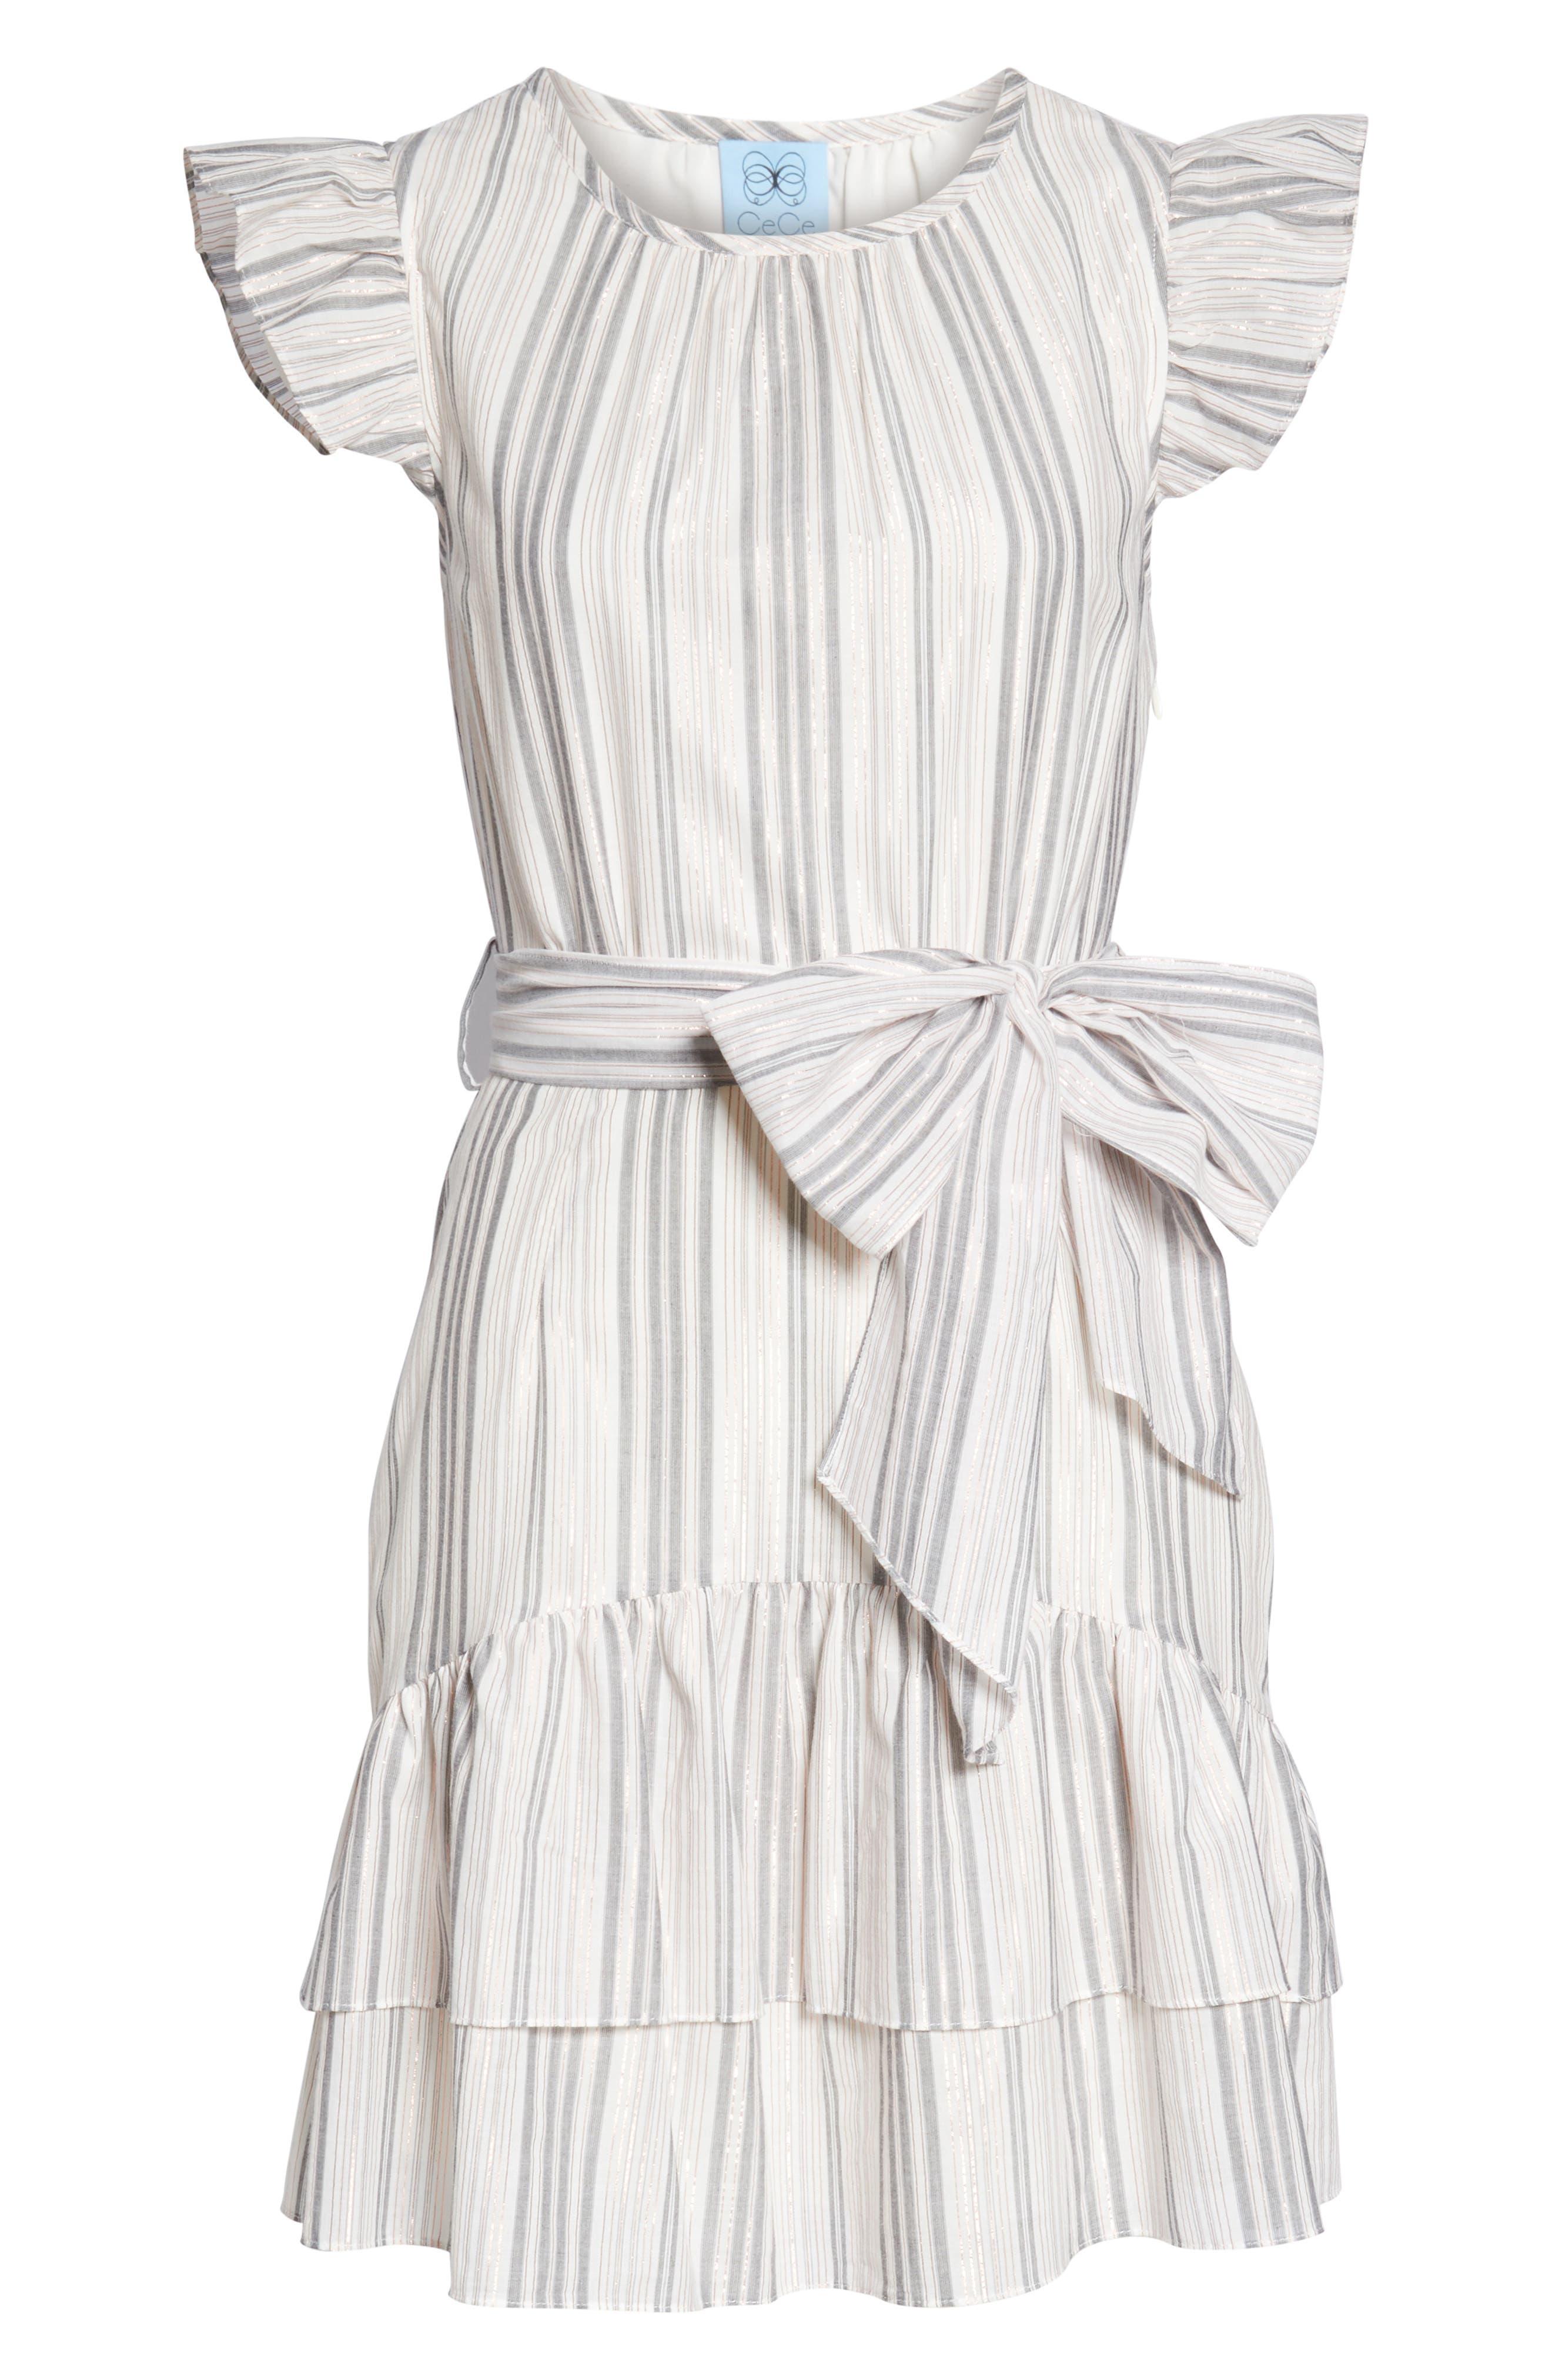 CECE, Ruffle Flutter Sleeve Dress, Alternate thumbnail 5, color, SOFT ECRU